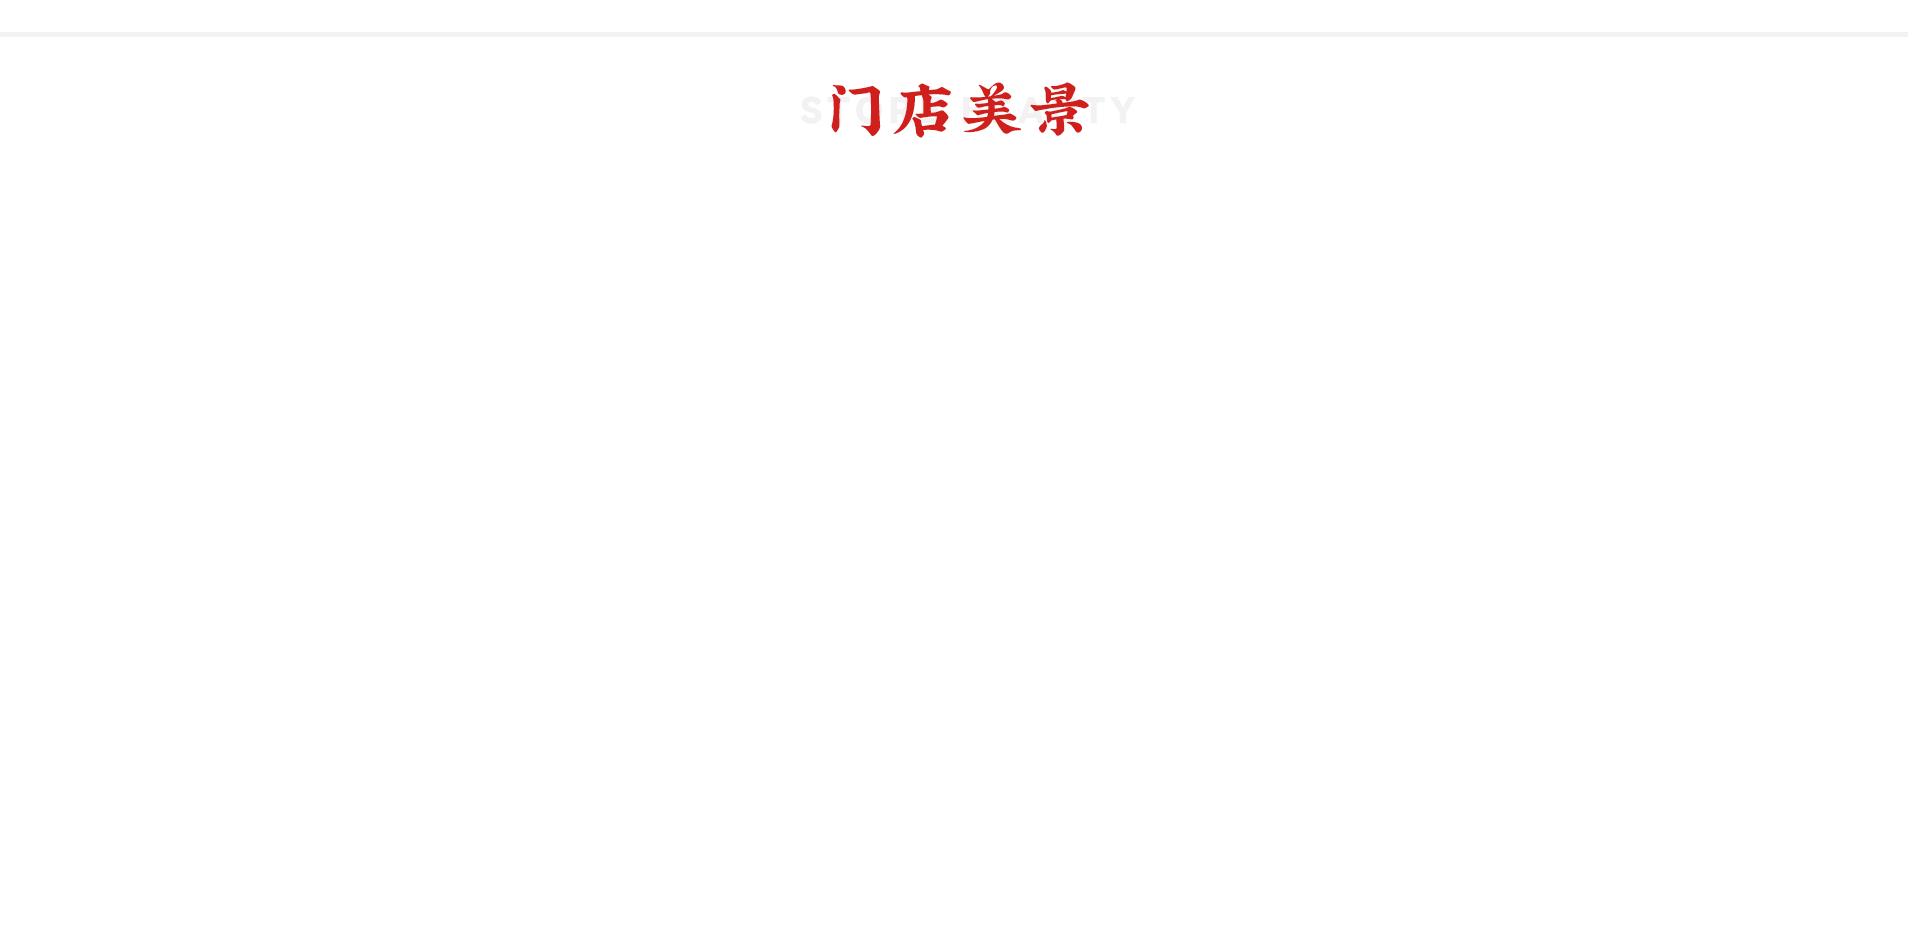 官网-PC端_05